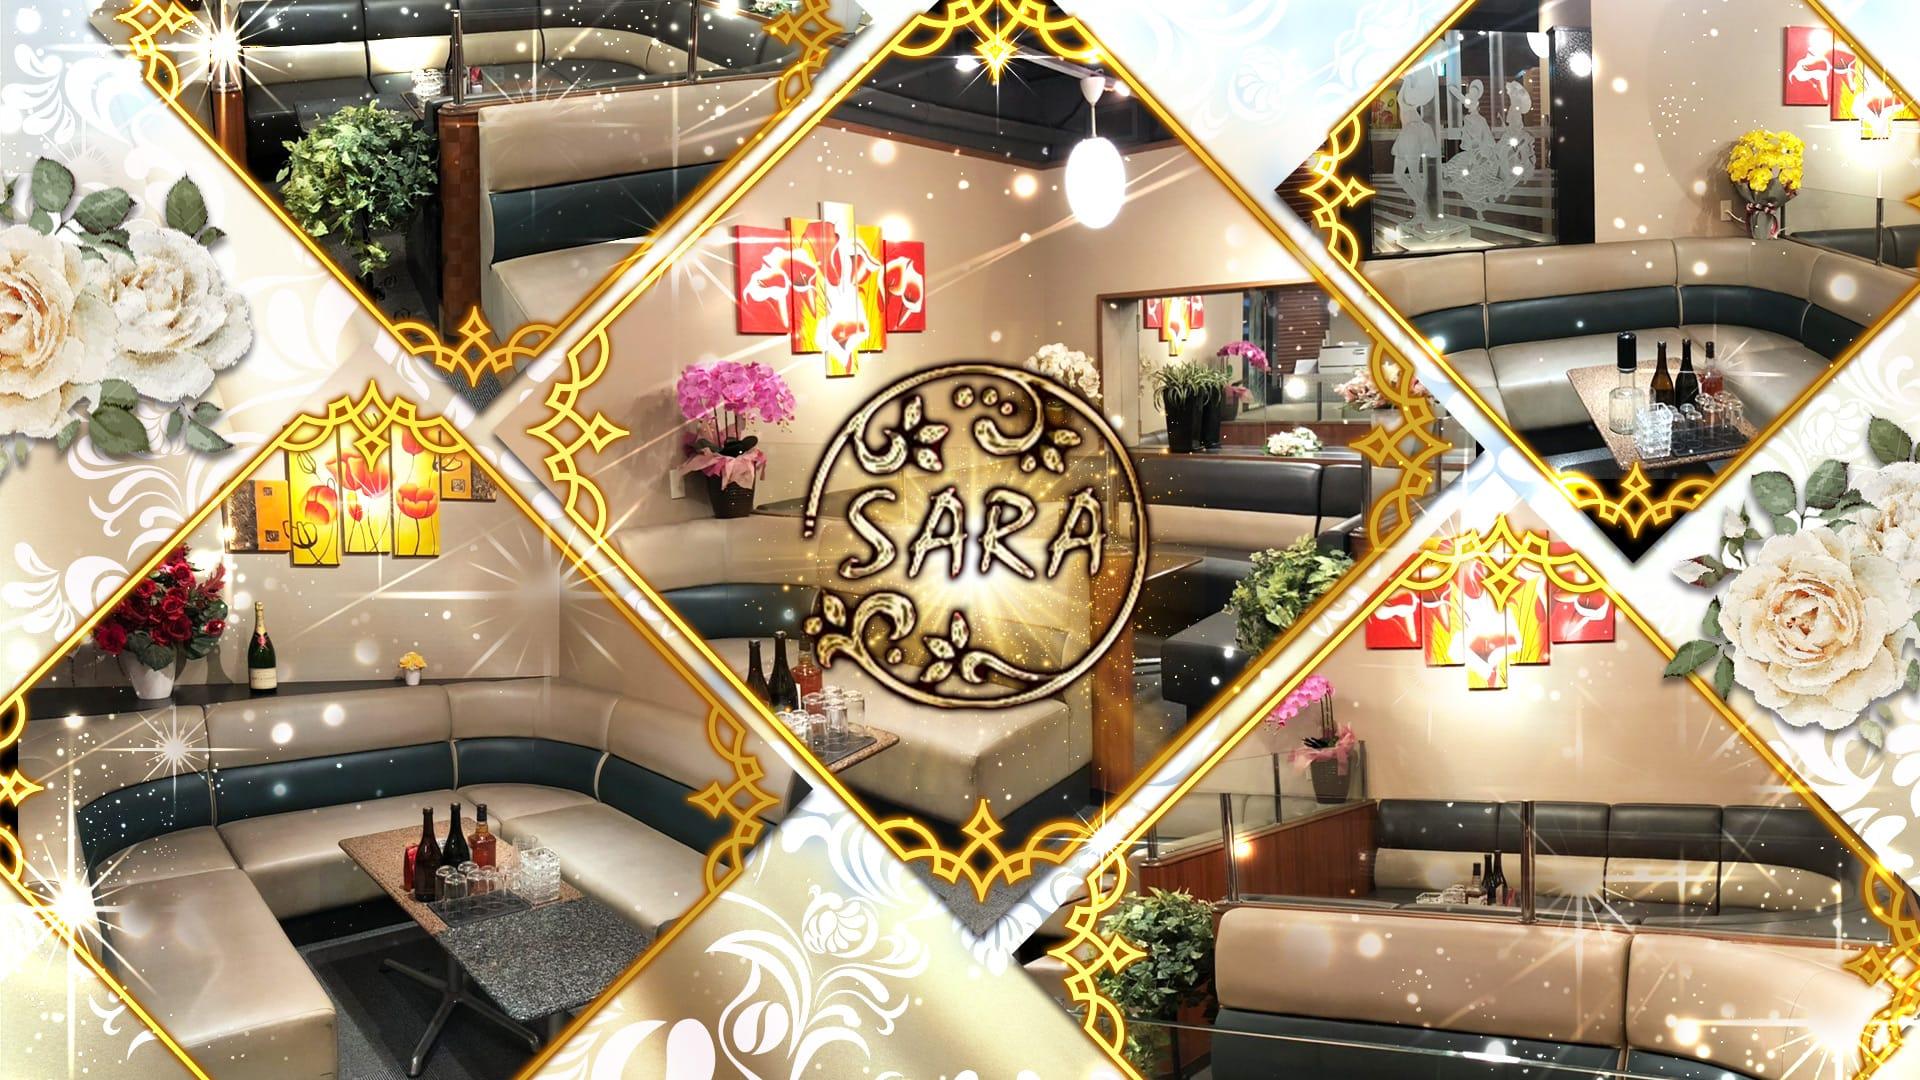 SARA(サラ) 中洲キャバクラ TOP画像